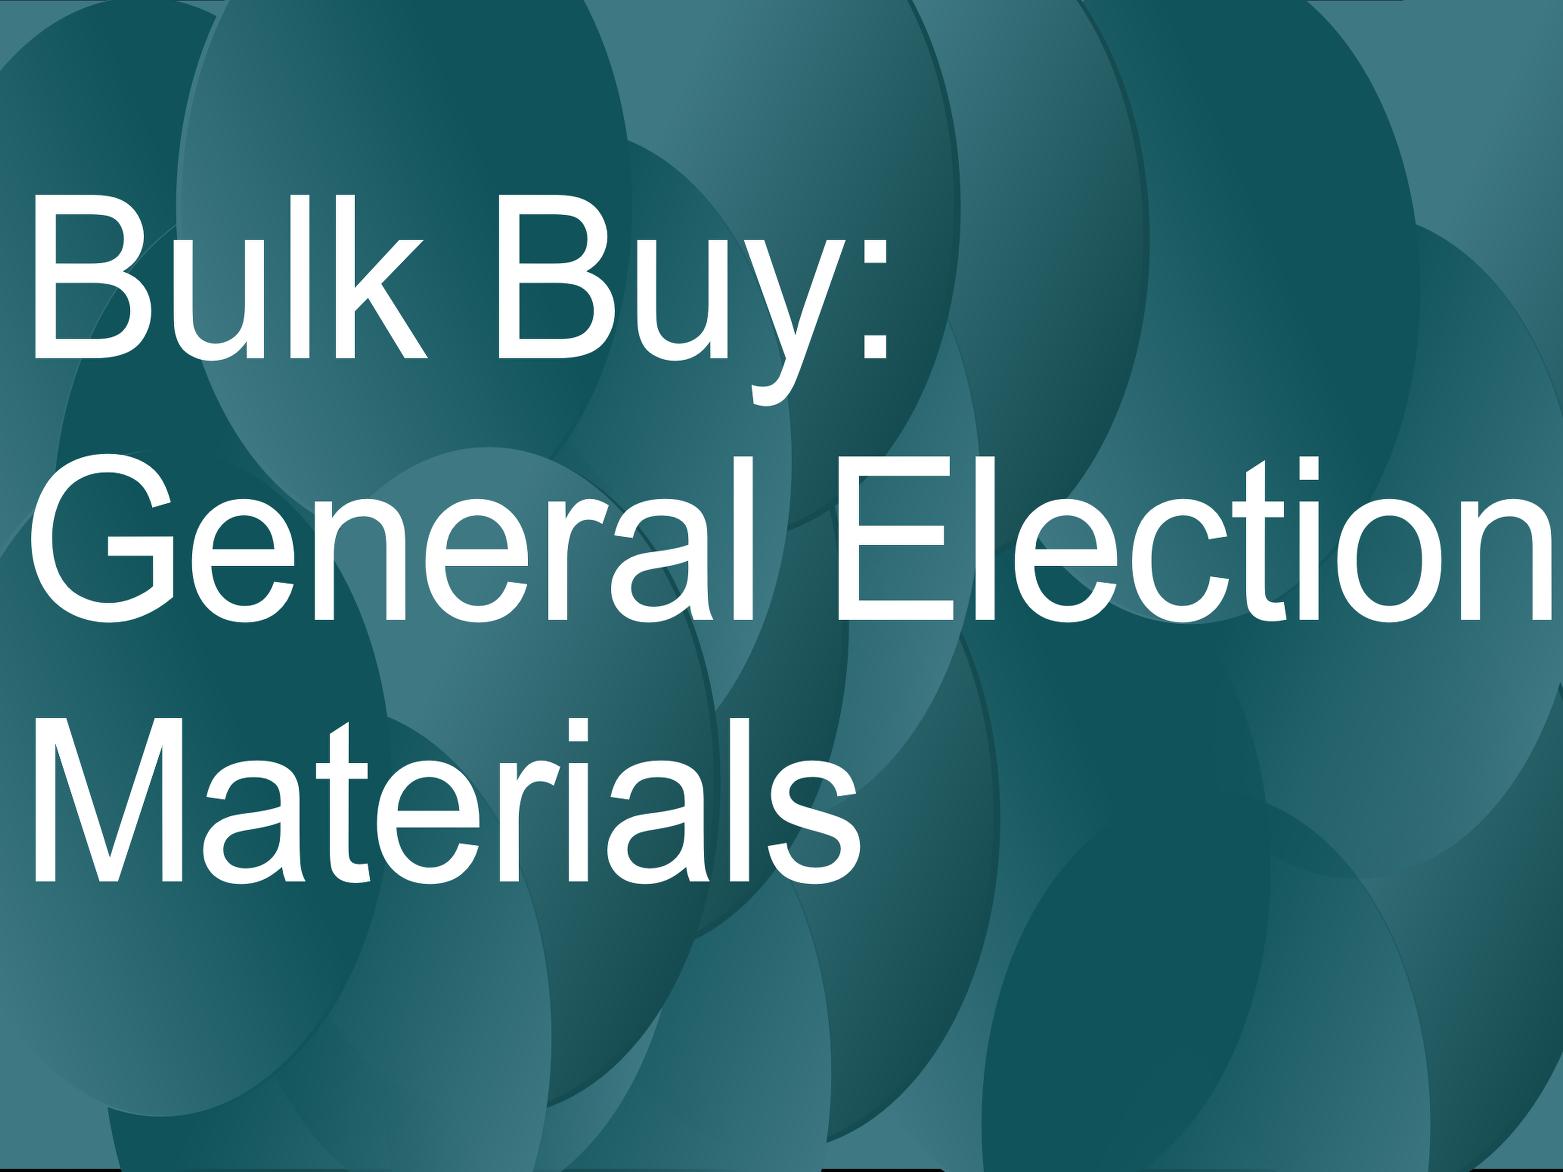 General election bulk-buy deadline: 5 September